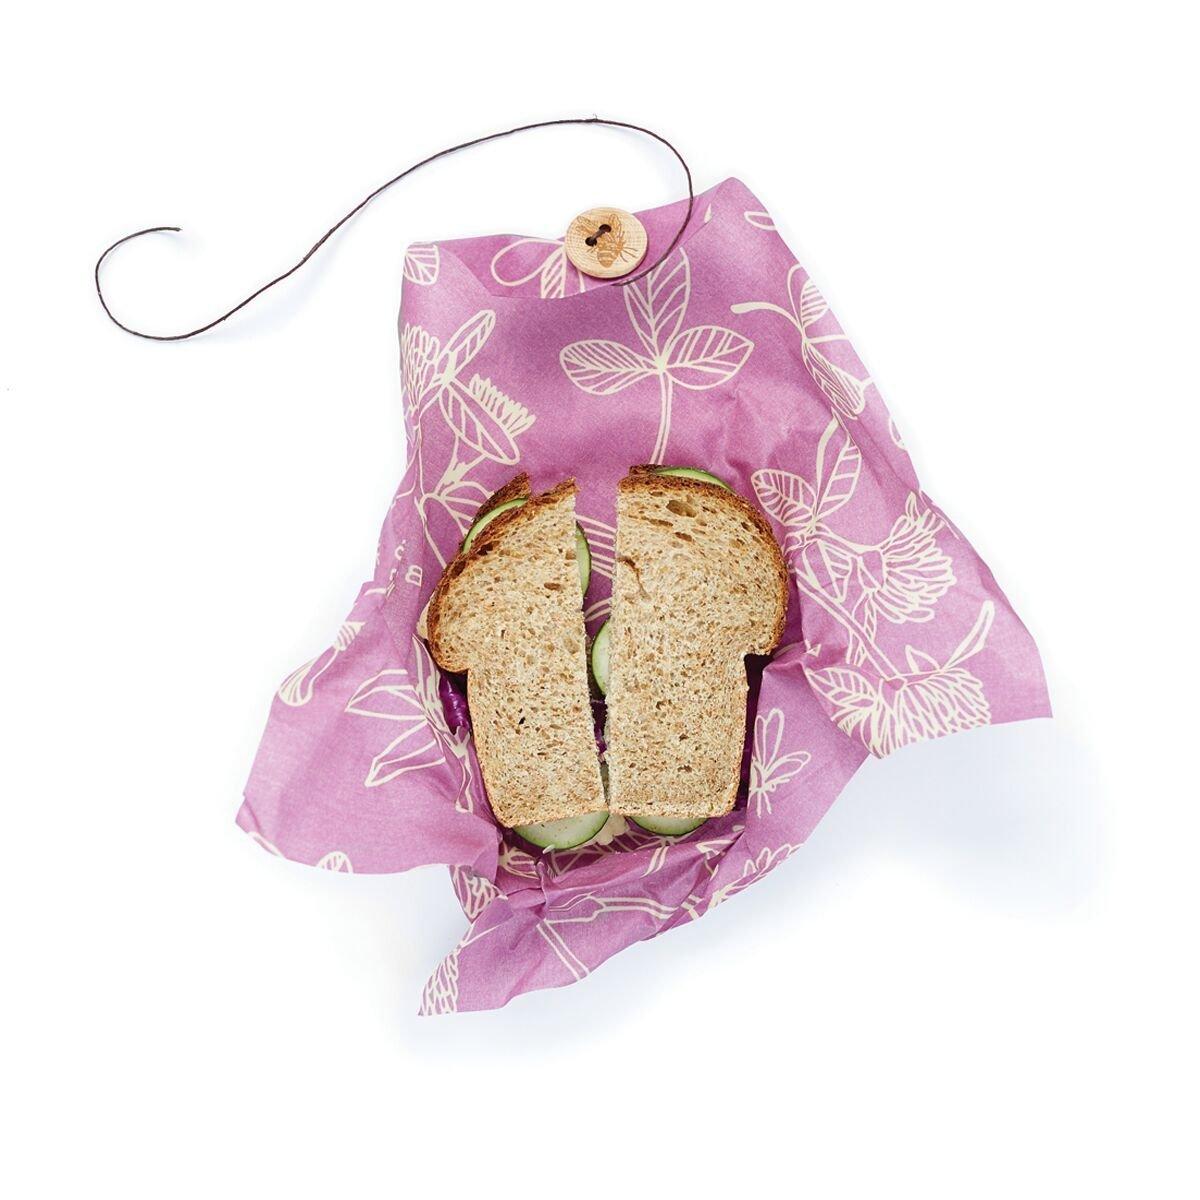 Bee's Wrap Sandwich Wrap